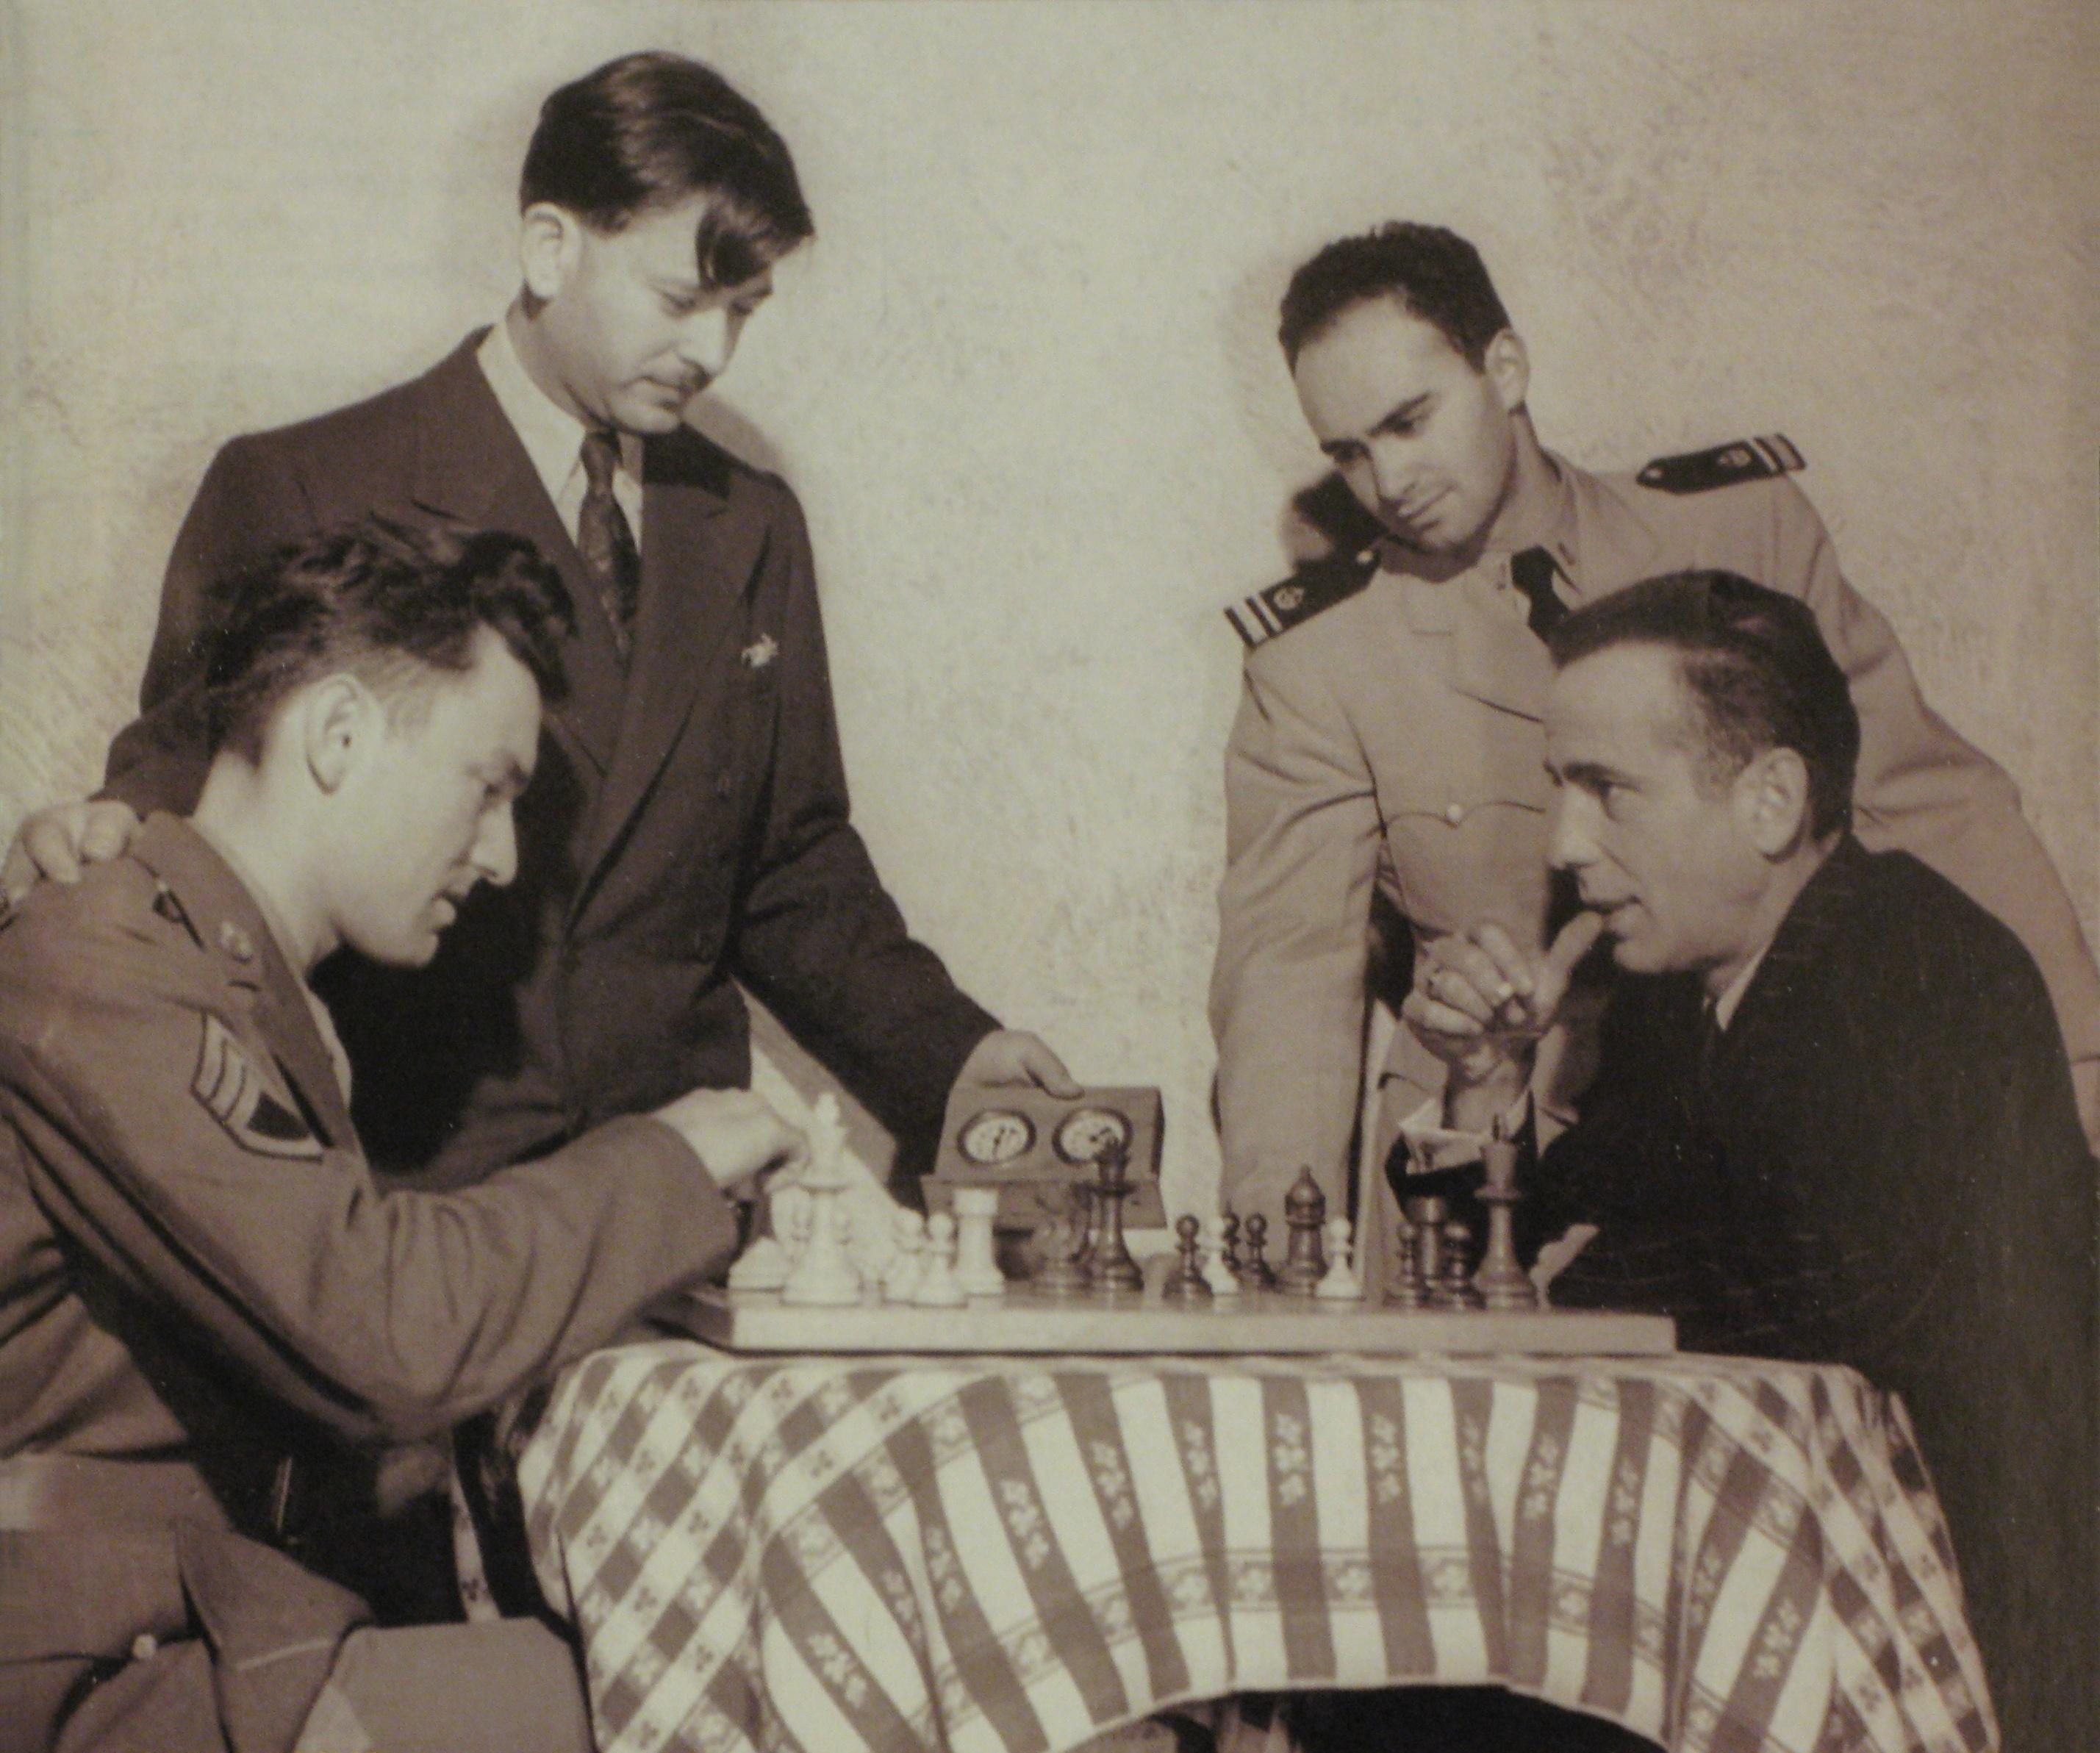 Bogart vs Schiller 1944 Los